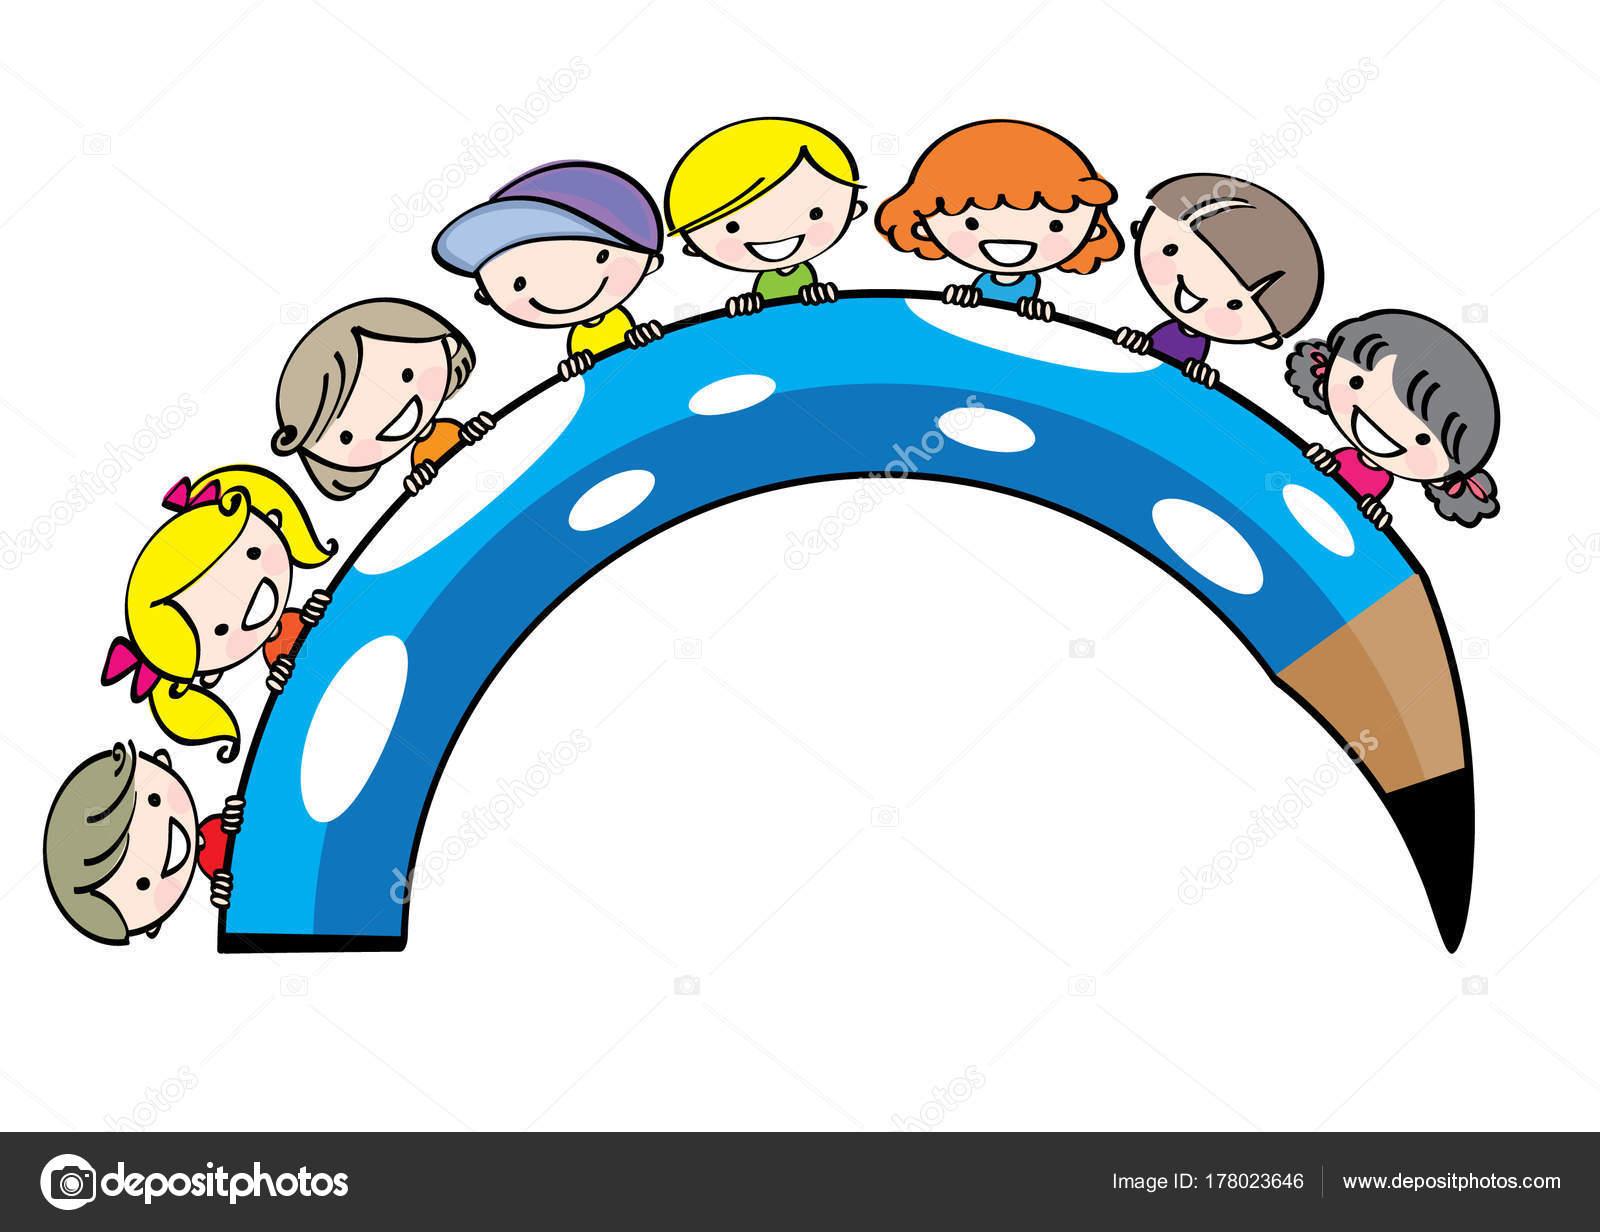 Vecteur Dessin Enfants Dessin Anime Avec Crayon Couleur Image